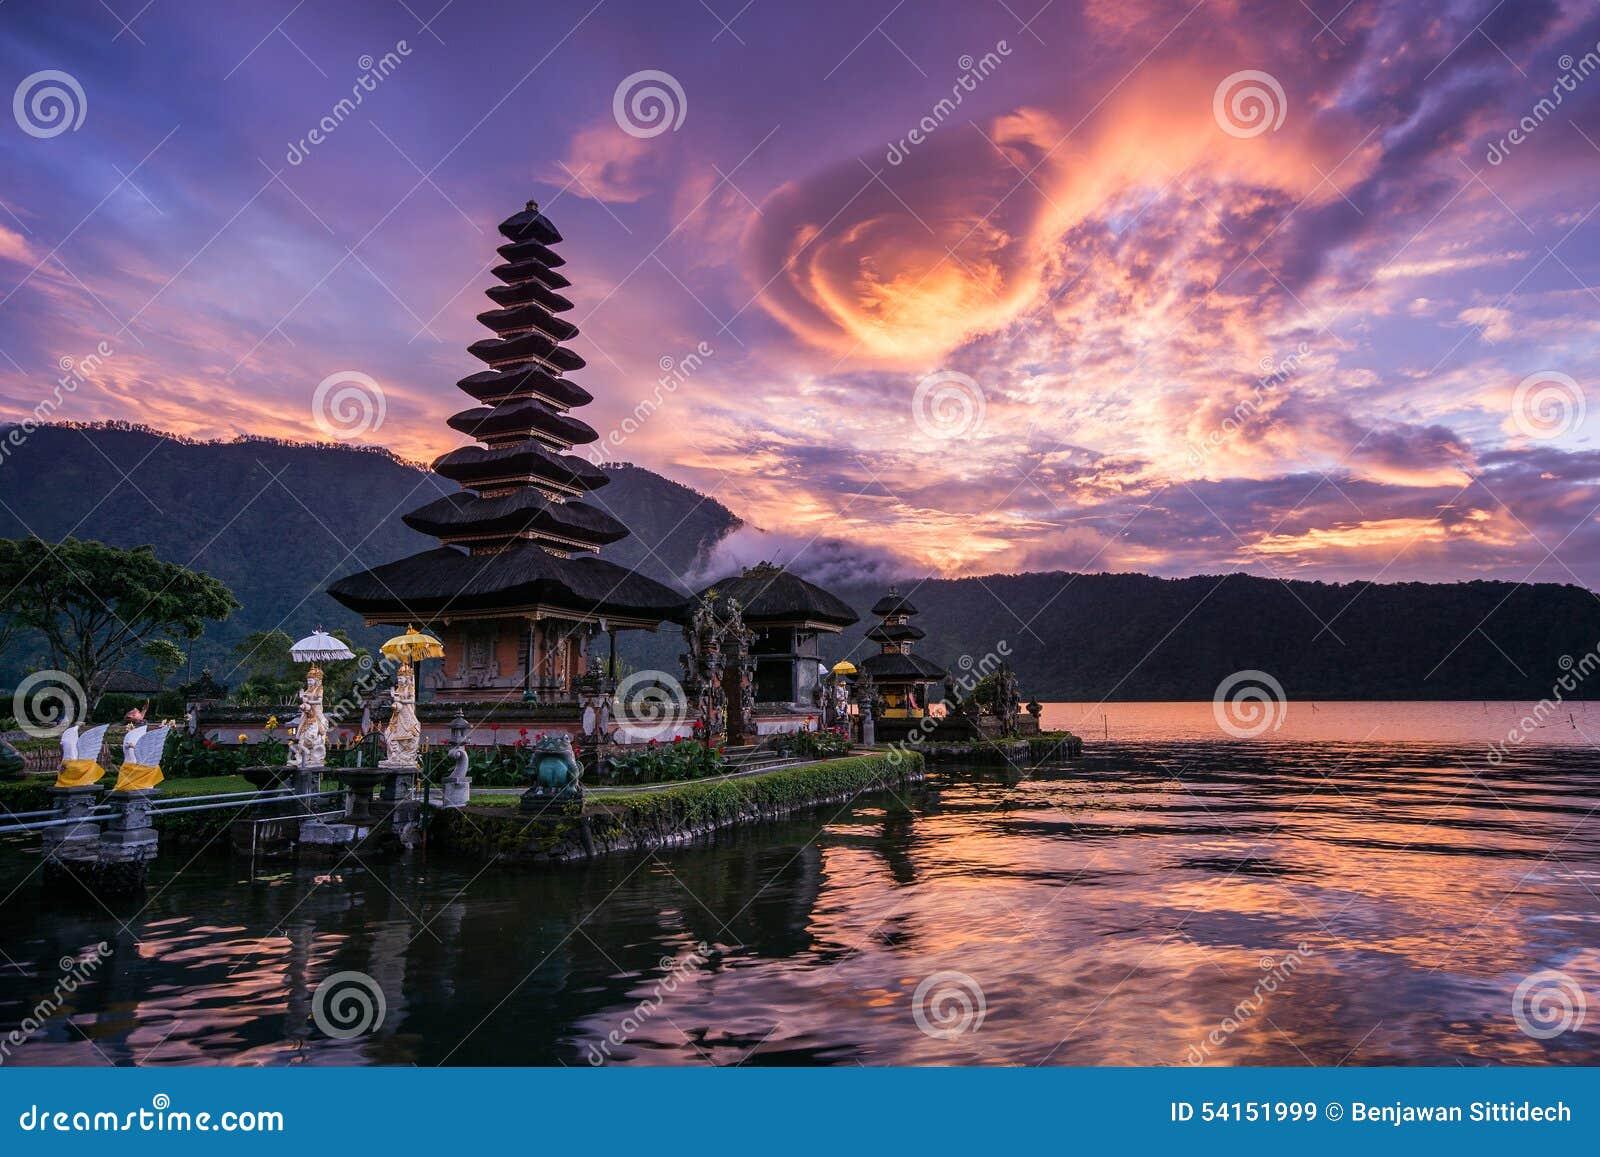 Pura Ulun Danu Bratan a Bali, Indonesia